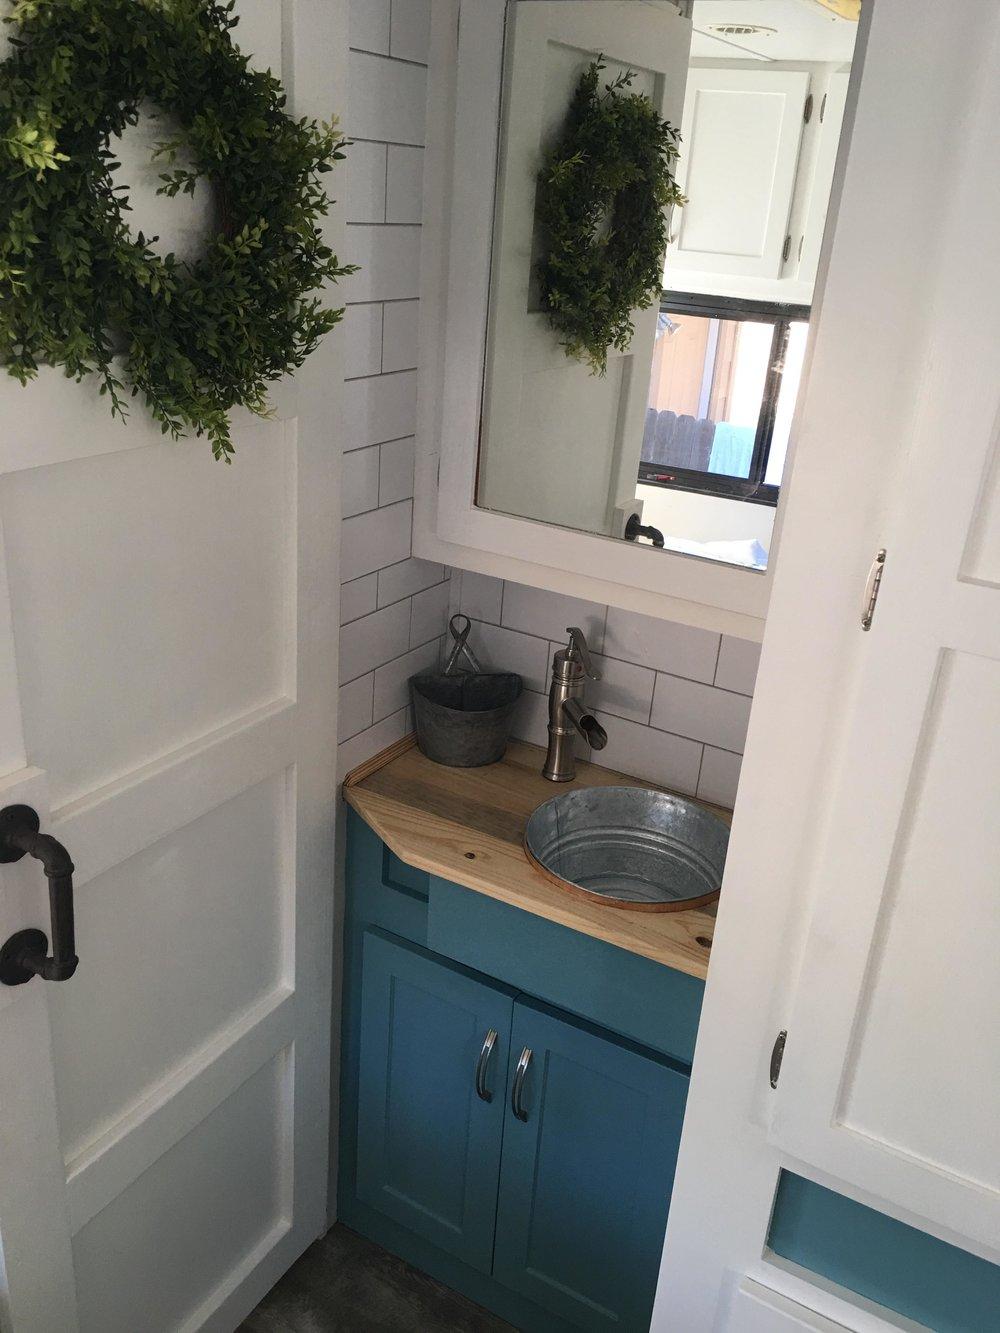 brookes lavatory.jpg